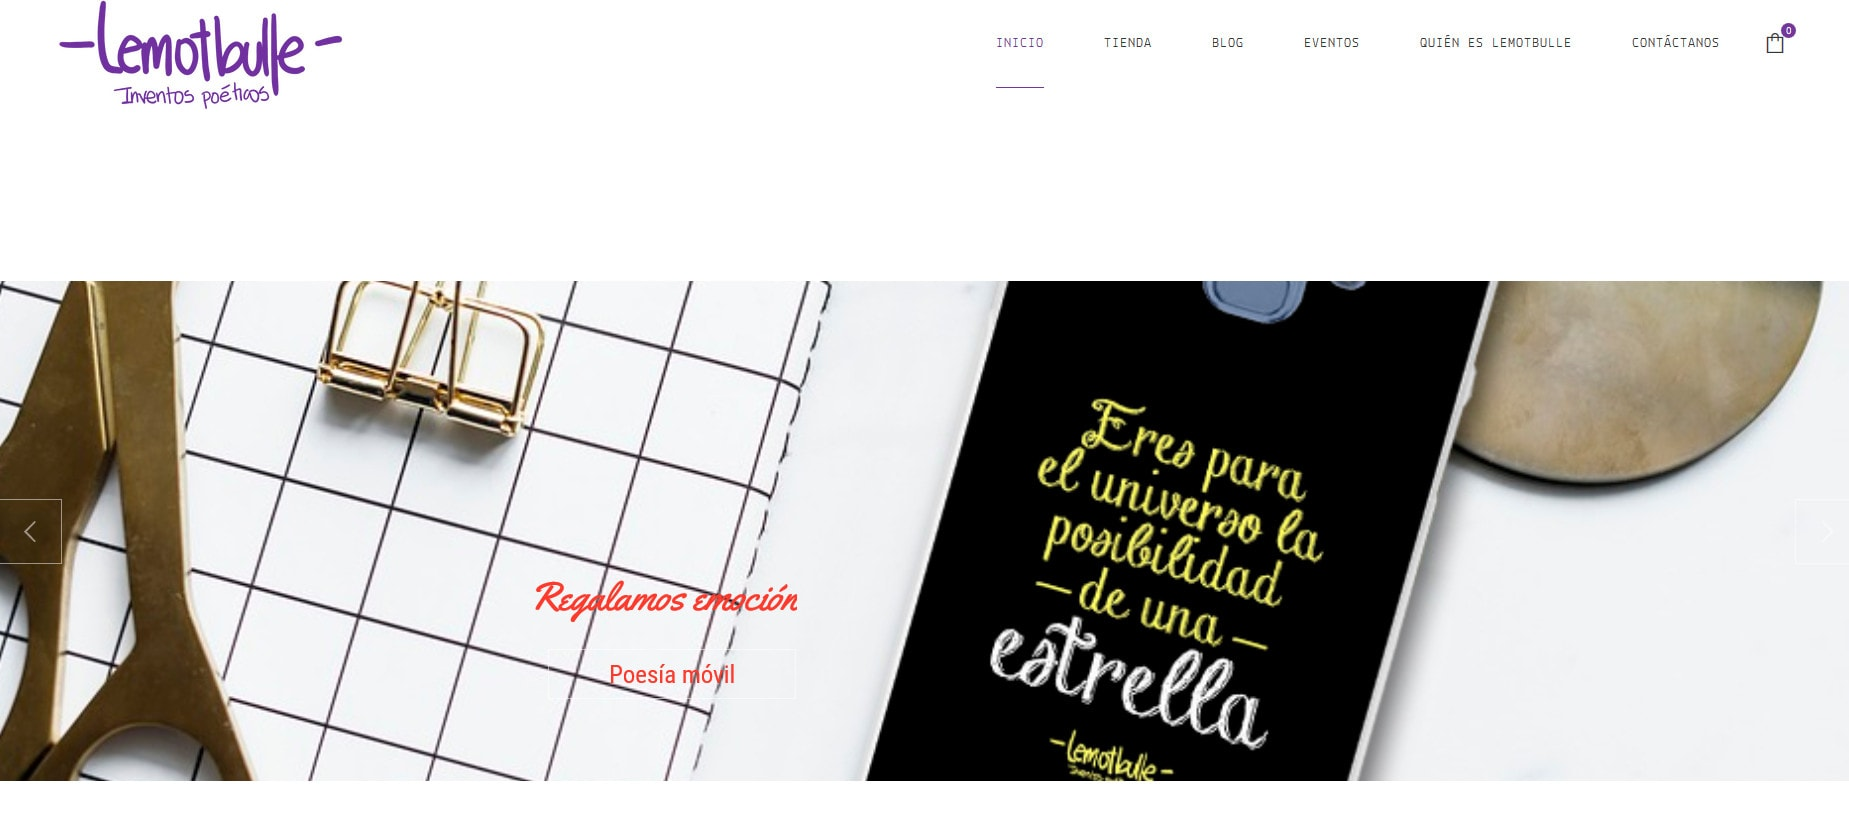 Pagina Web Tienda Merchandising